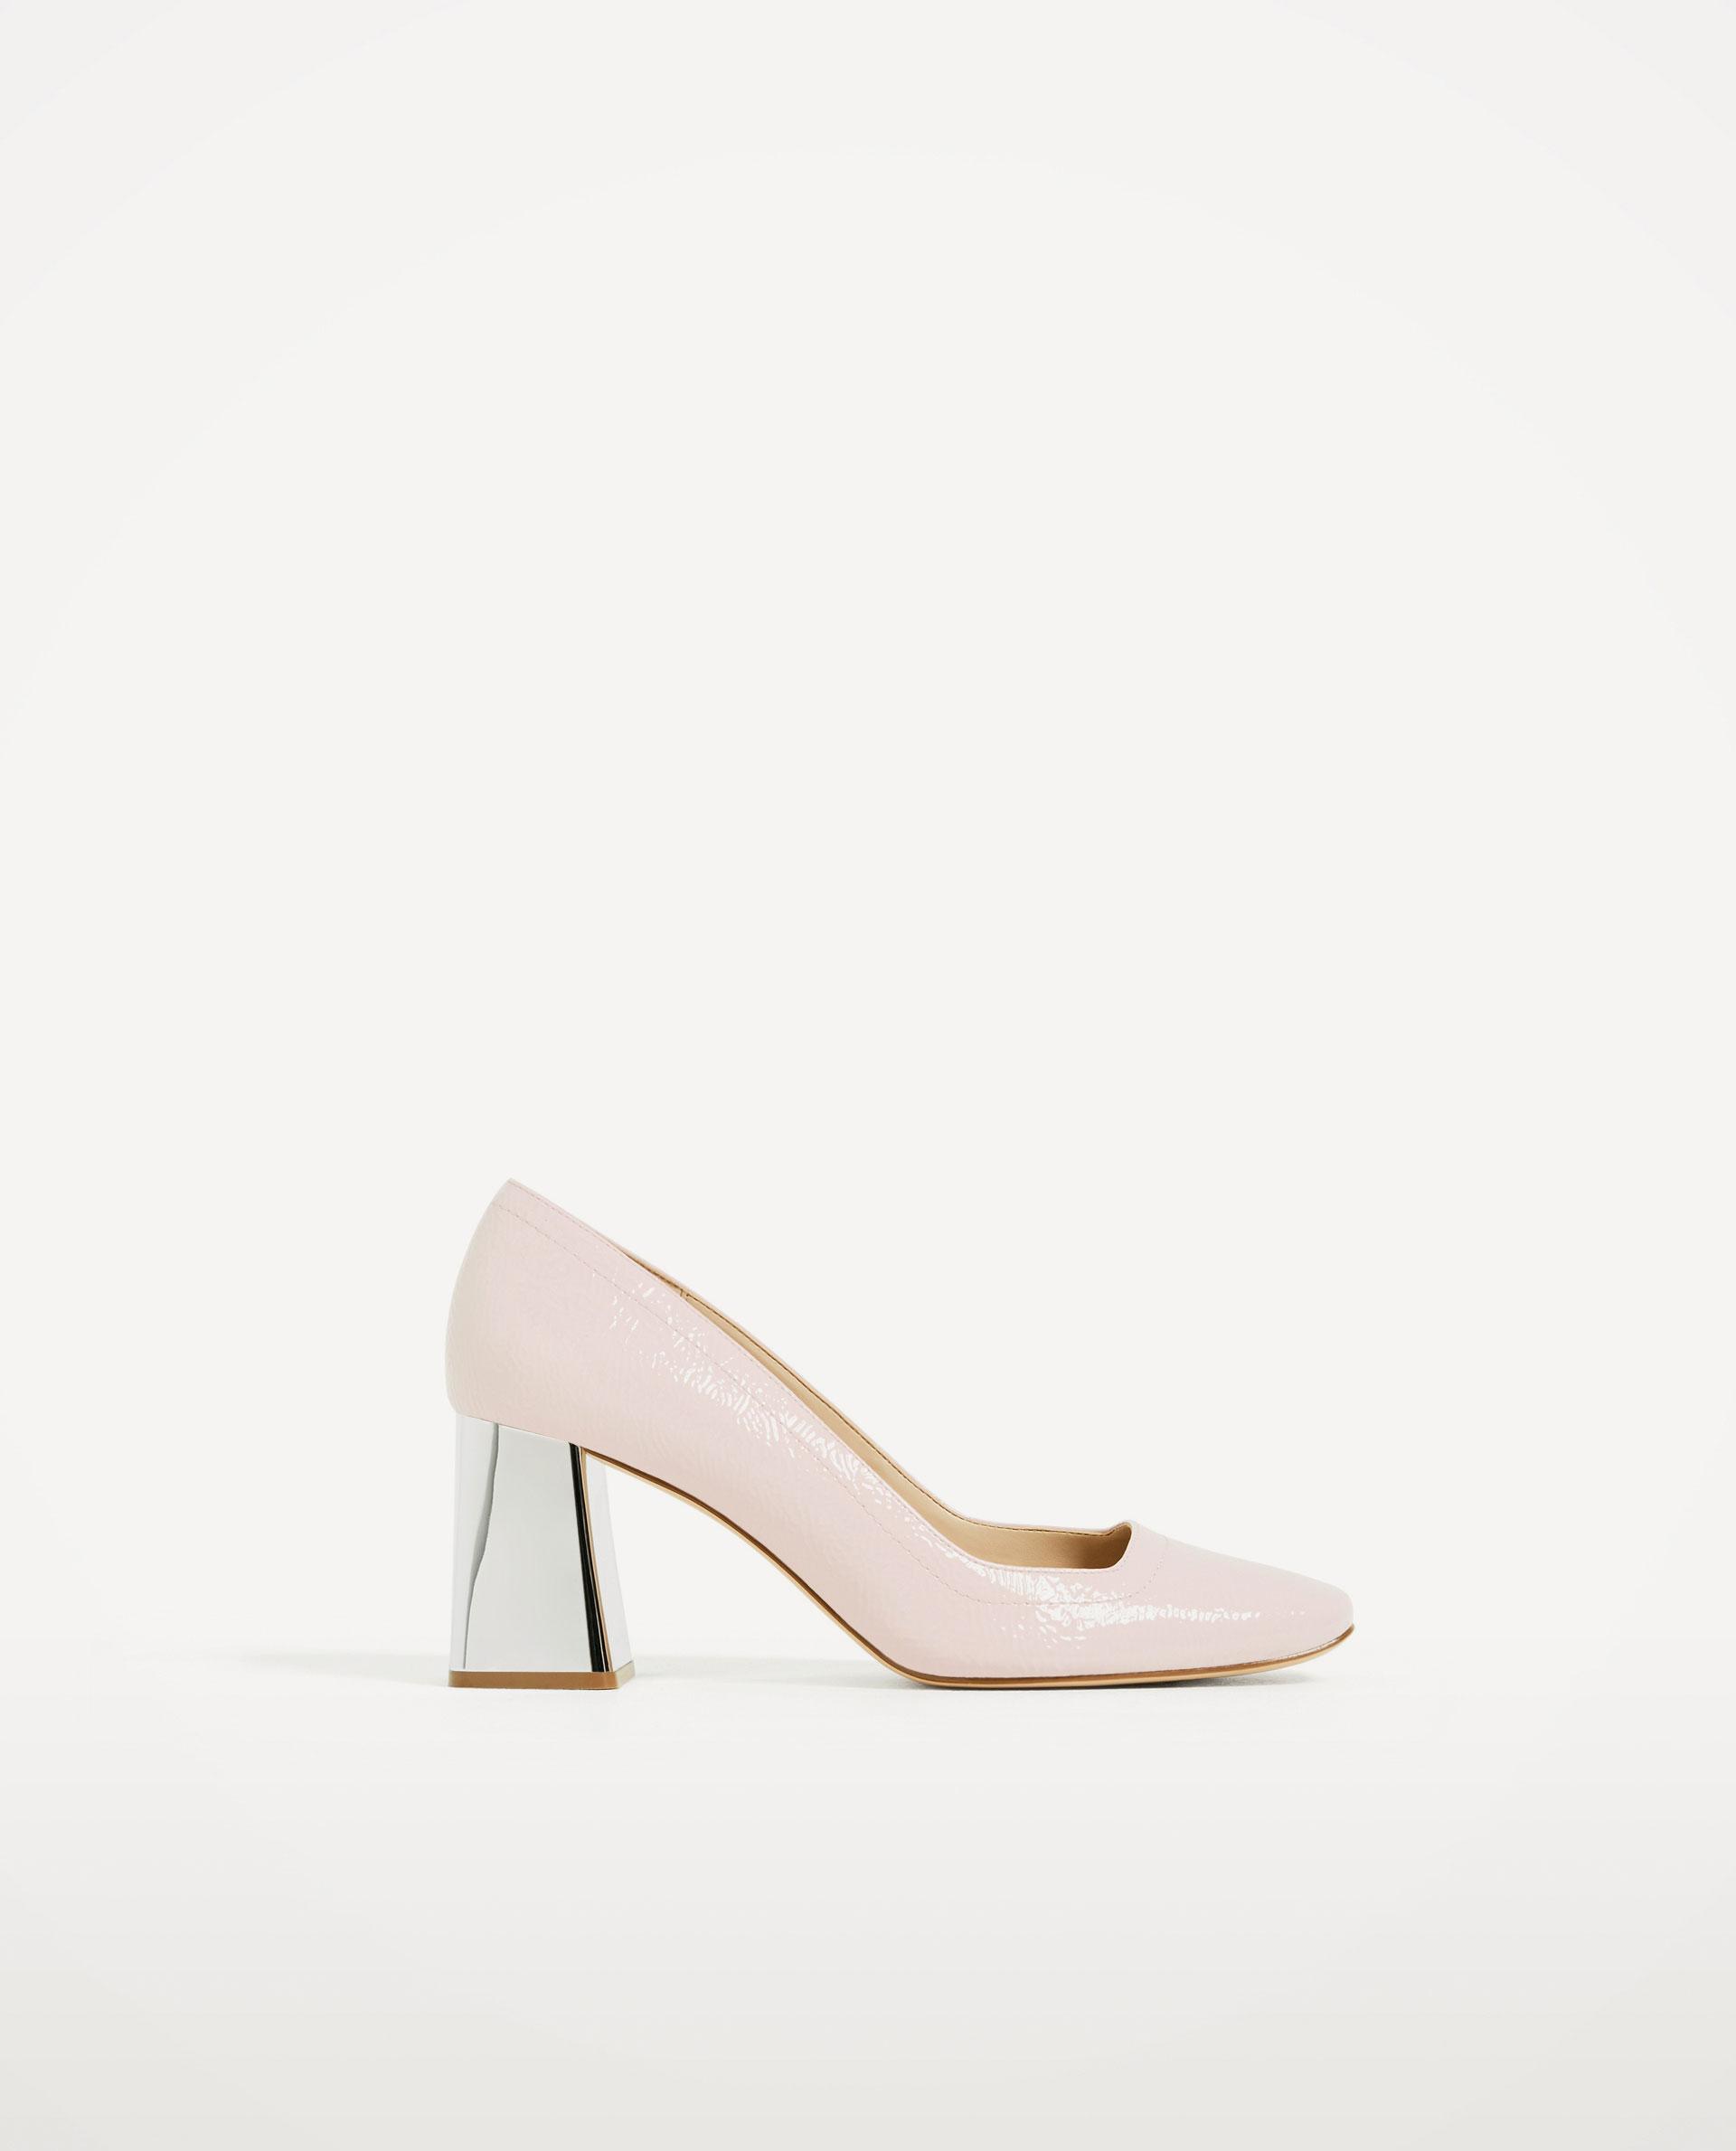 design de qualité a2a78 d79e5 Chaussures à talons argentés Zara - 10 accessoires Zara qui ...